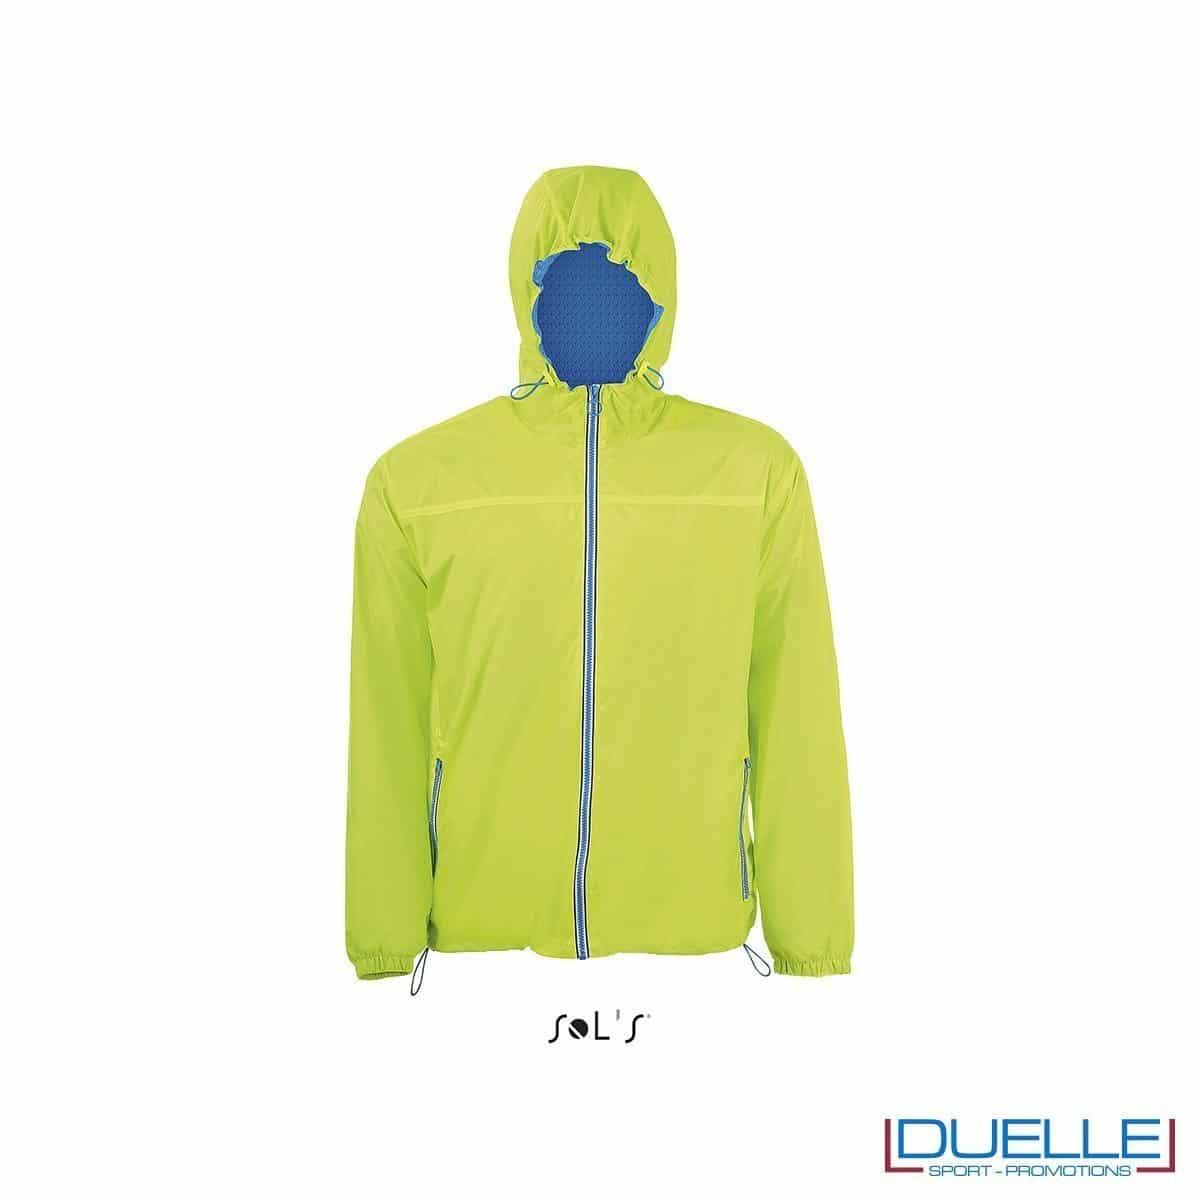 giacca antivento personalizzata colore verde acido con retina interna, kappa way personalizzati, k-way personalizzati